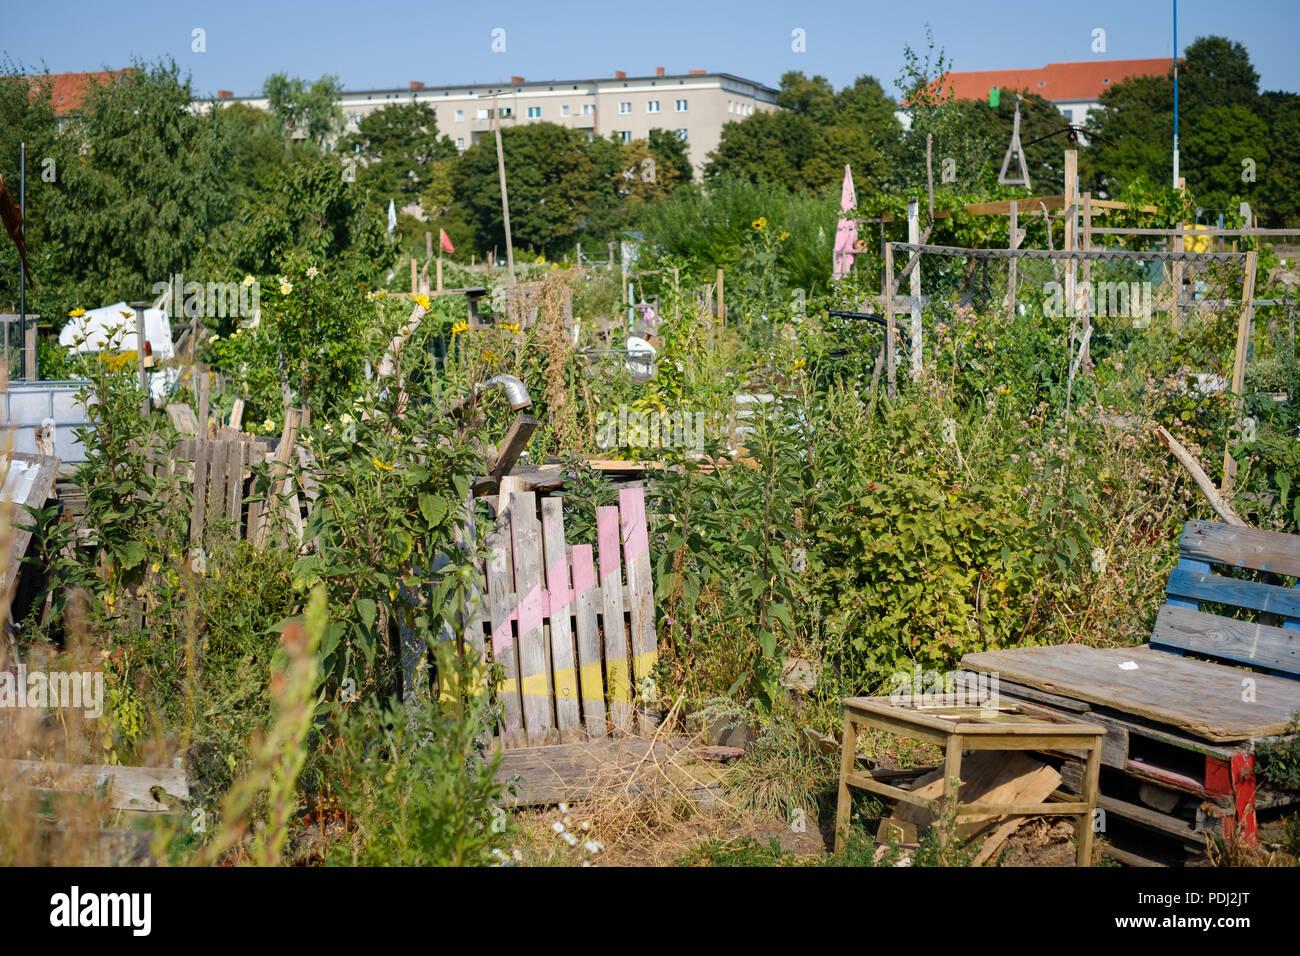 Urban Gardening at Tempelhofer Feld (Flughafen Tempelhof) in Berlin - Stock Image